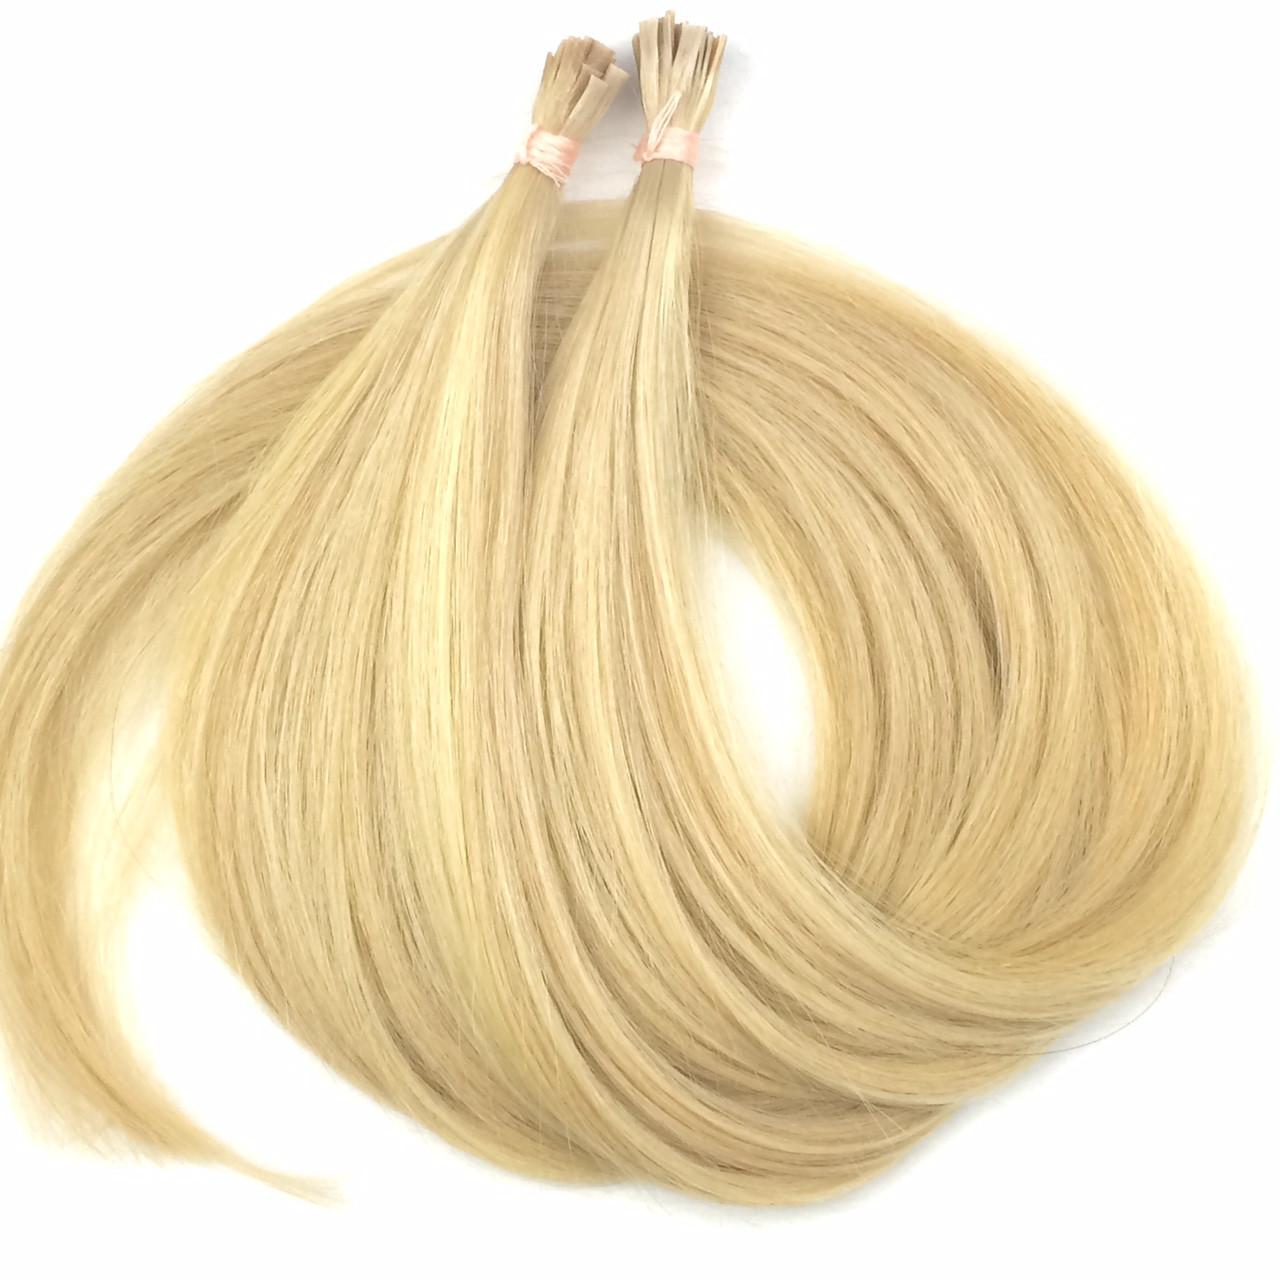 Славянские волосы на капсулах 50 см. Цвет #Блонд - Интернет-магазин REMI в Днепре